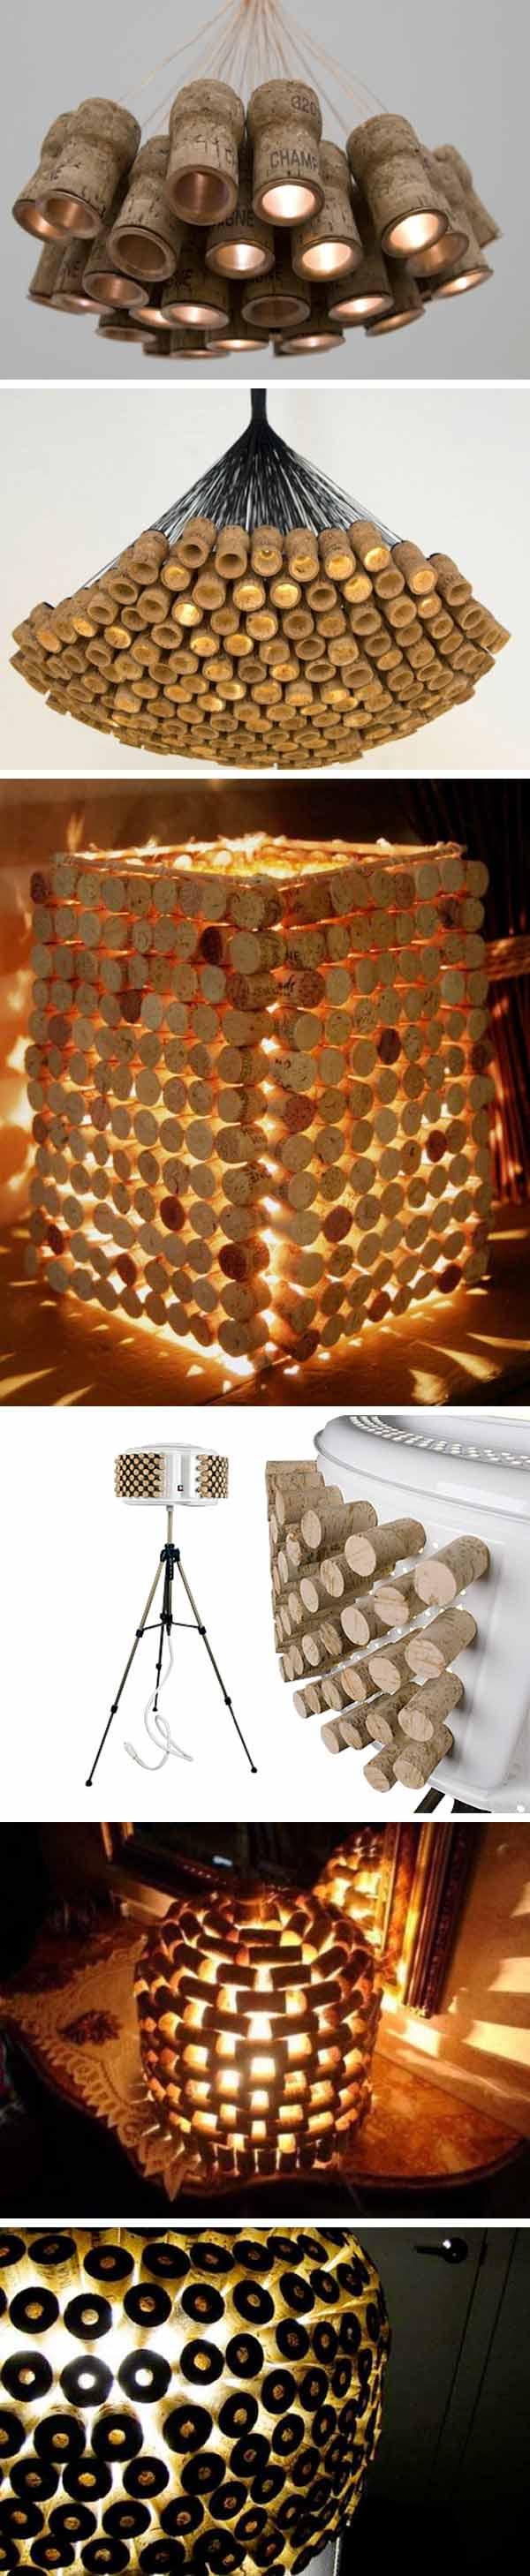 reciclar tapones de corcho - lamparas